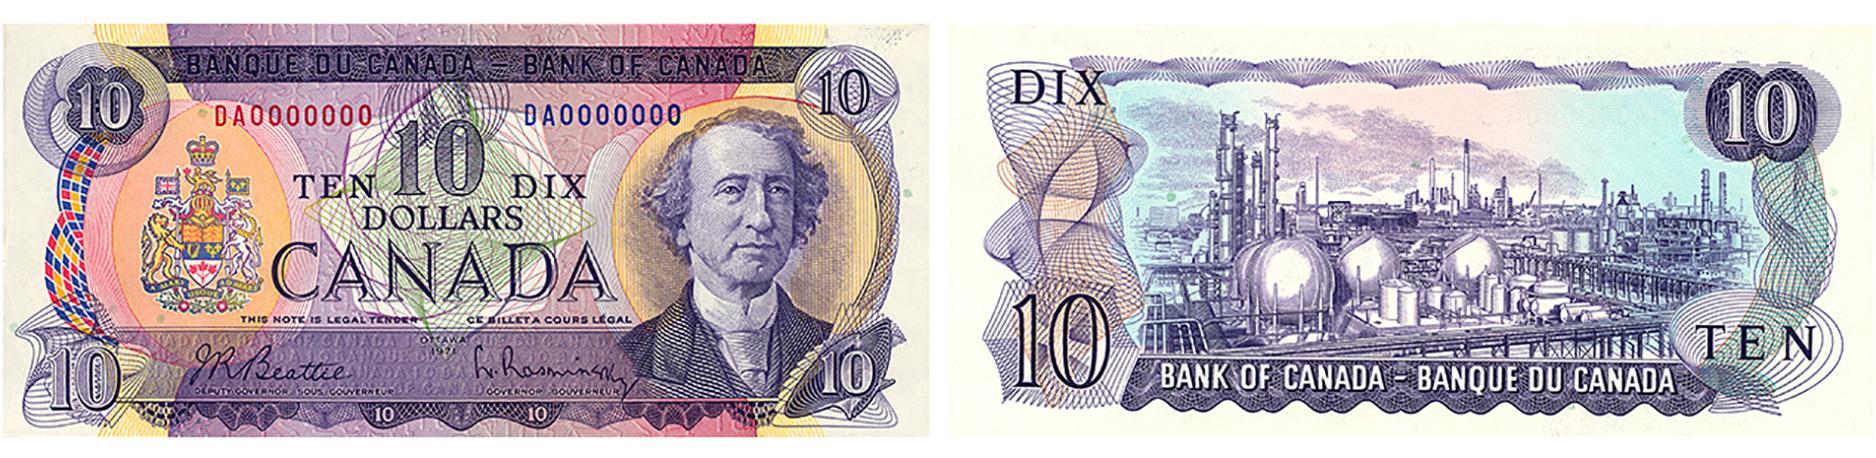 Recto et verso d'un billet de banque violet illustré d'une usine et de ses tuyaux, réservoirs et cheminées.